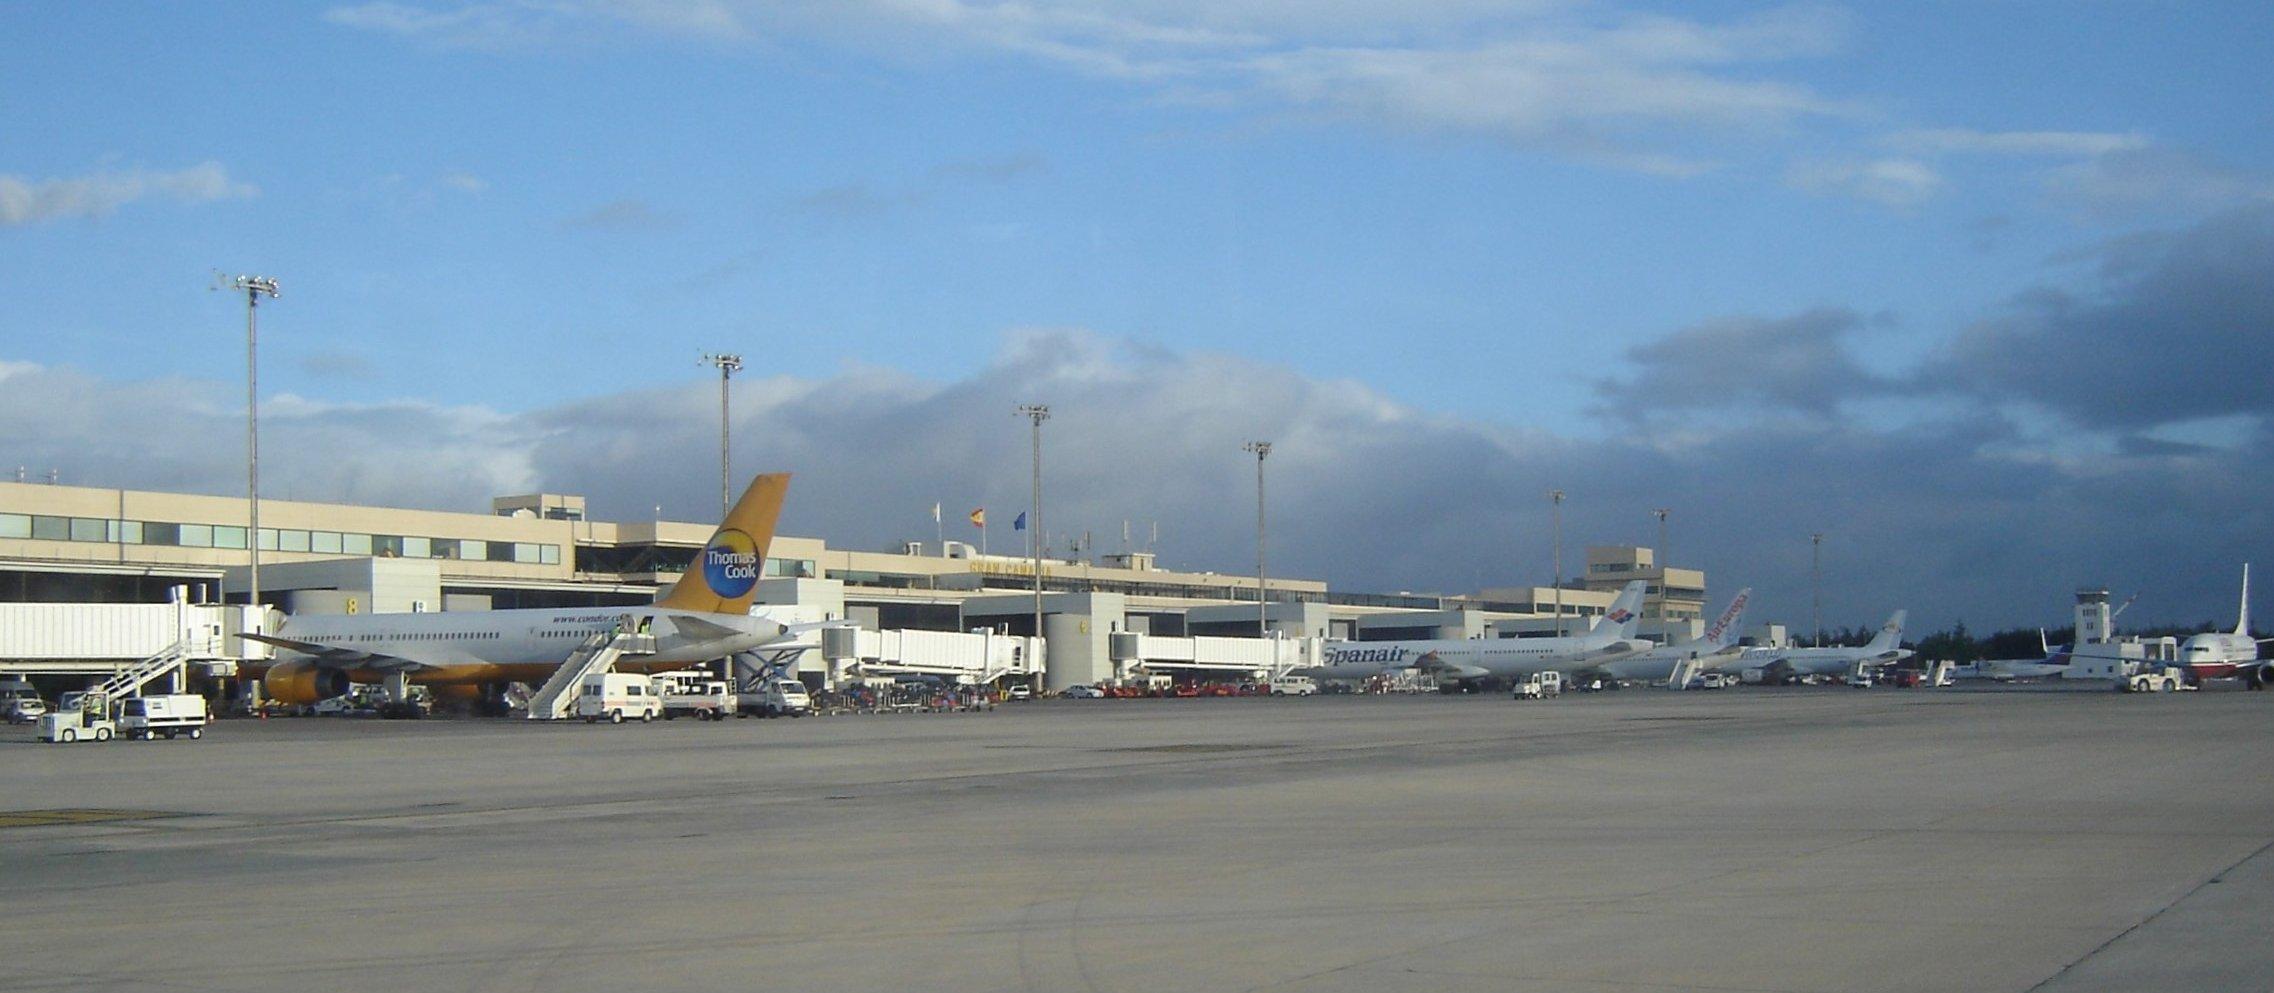 Aeroporto Gran Canaria : File gran canaria airport g wikimedia commons